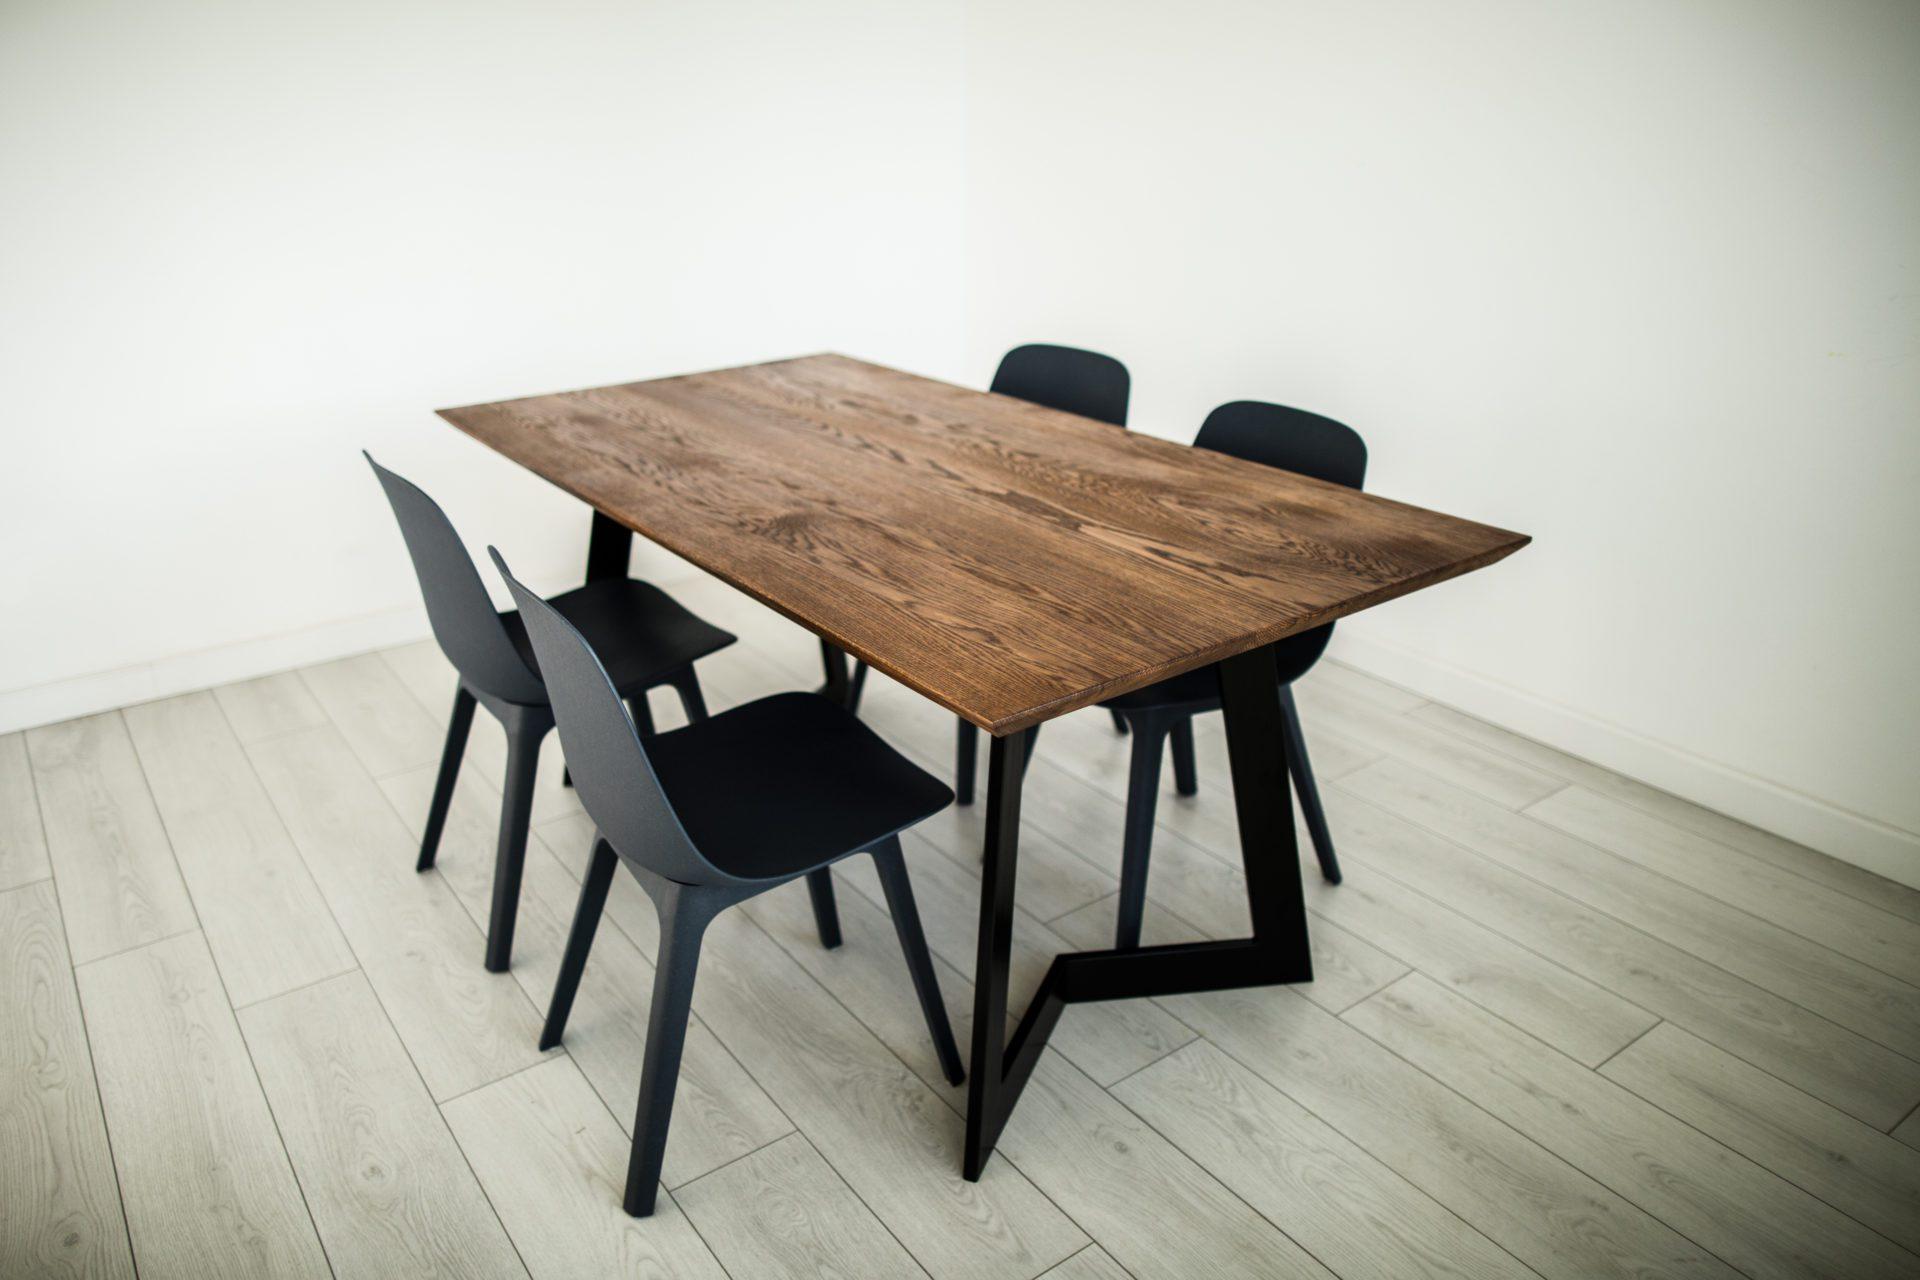 prostokatny-stol-do-jadalni